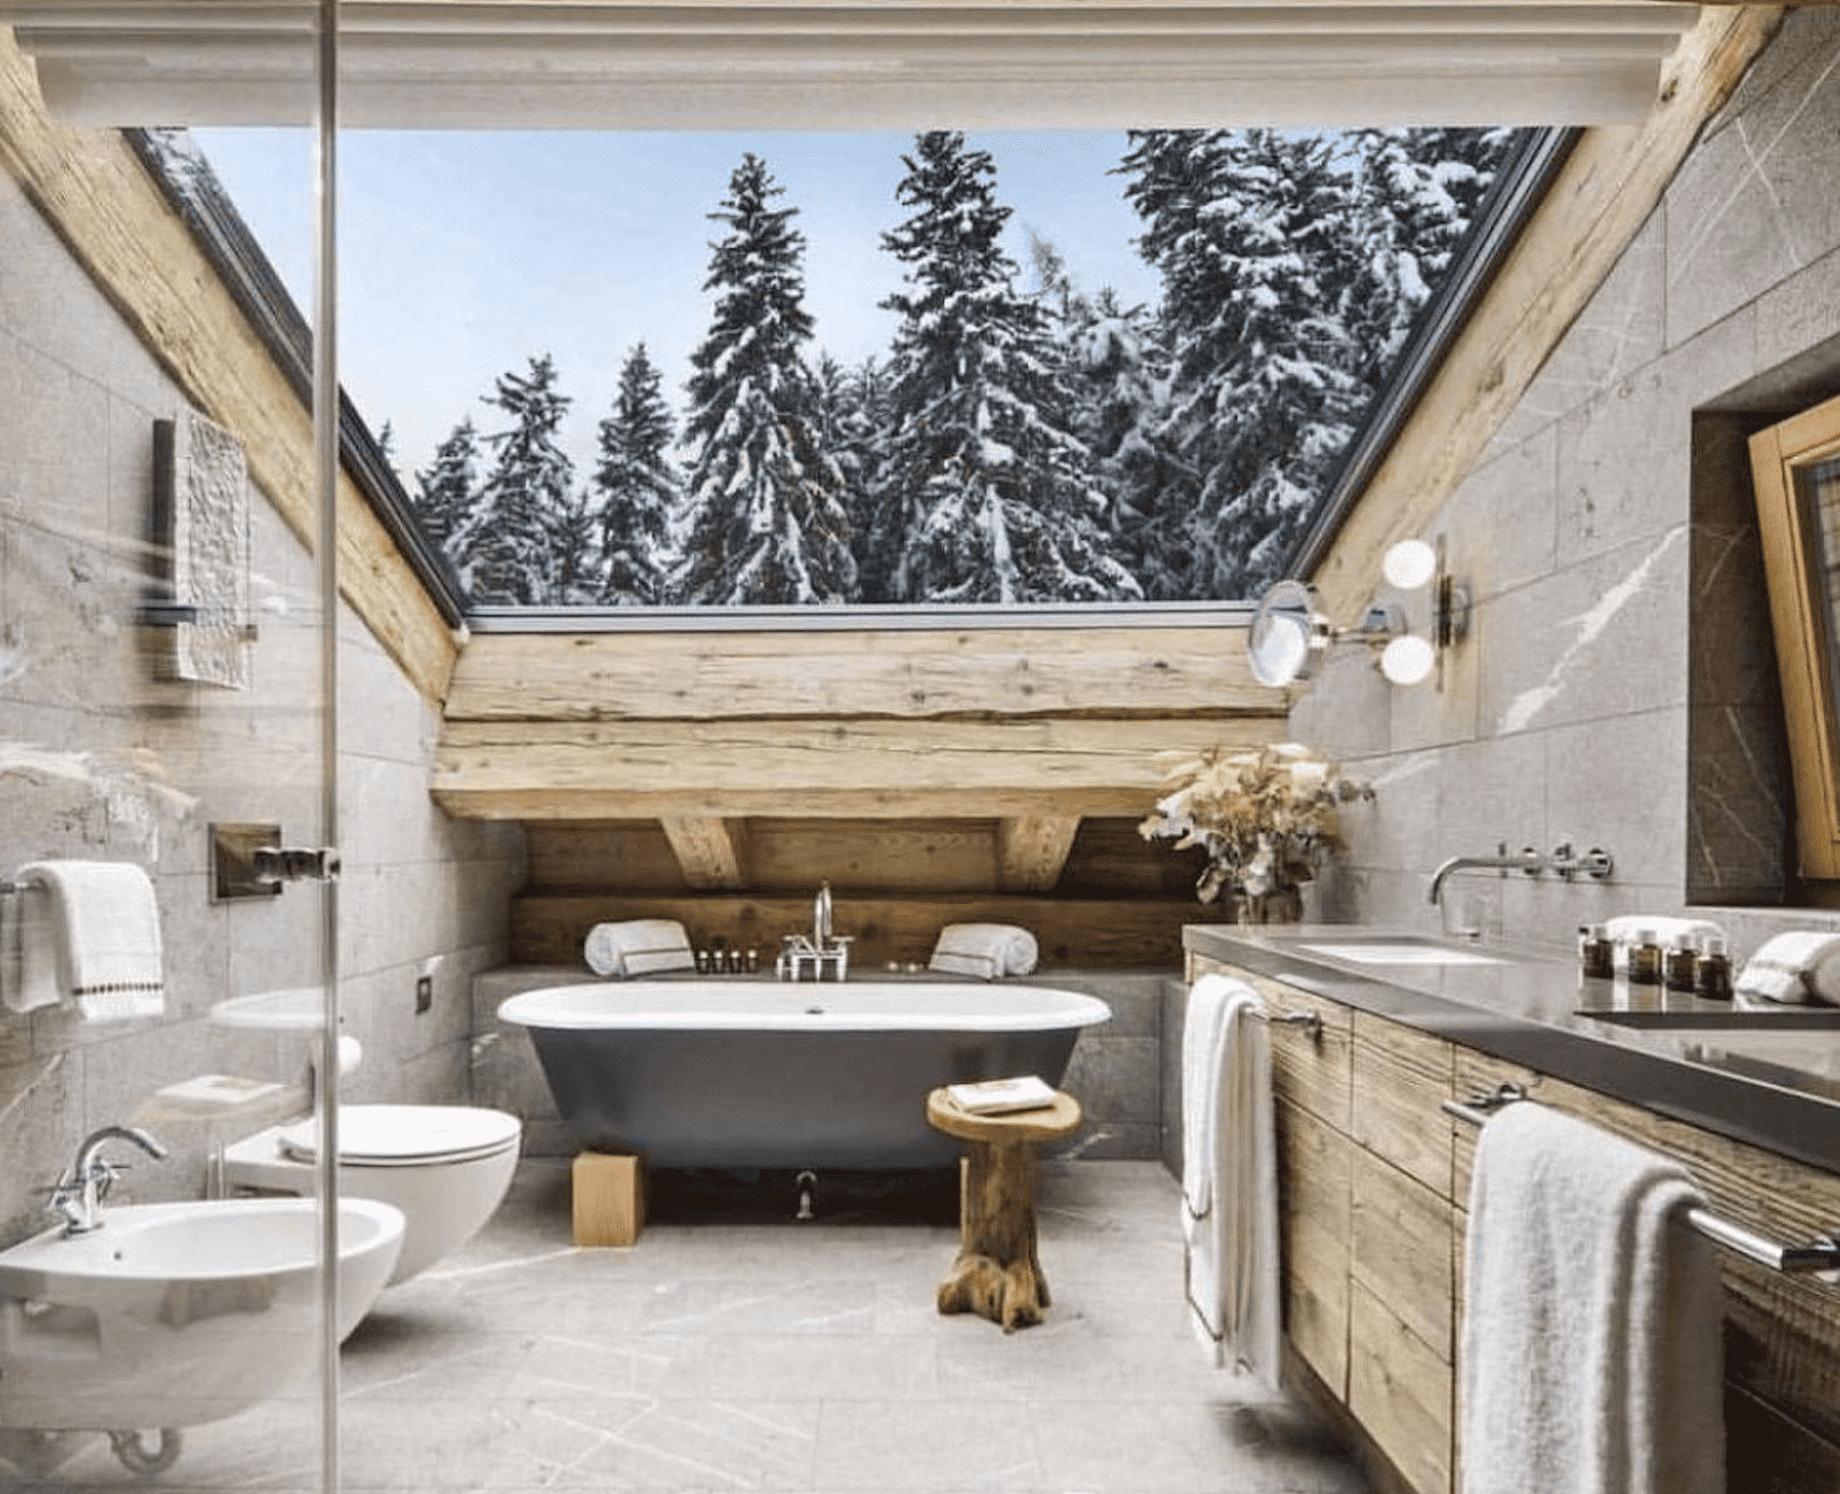 Как оформить интерьер частного дома небольшого размера